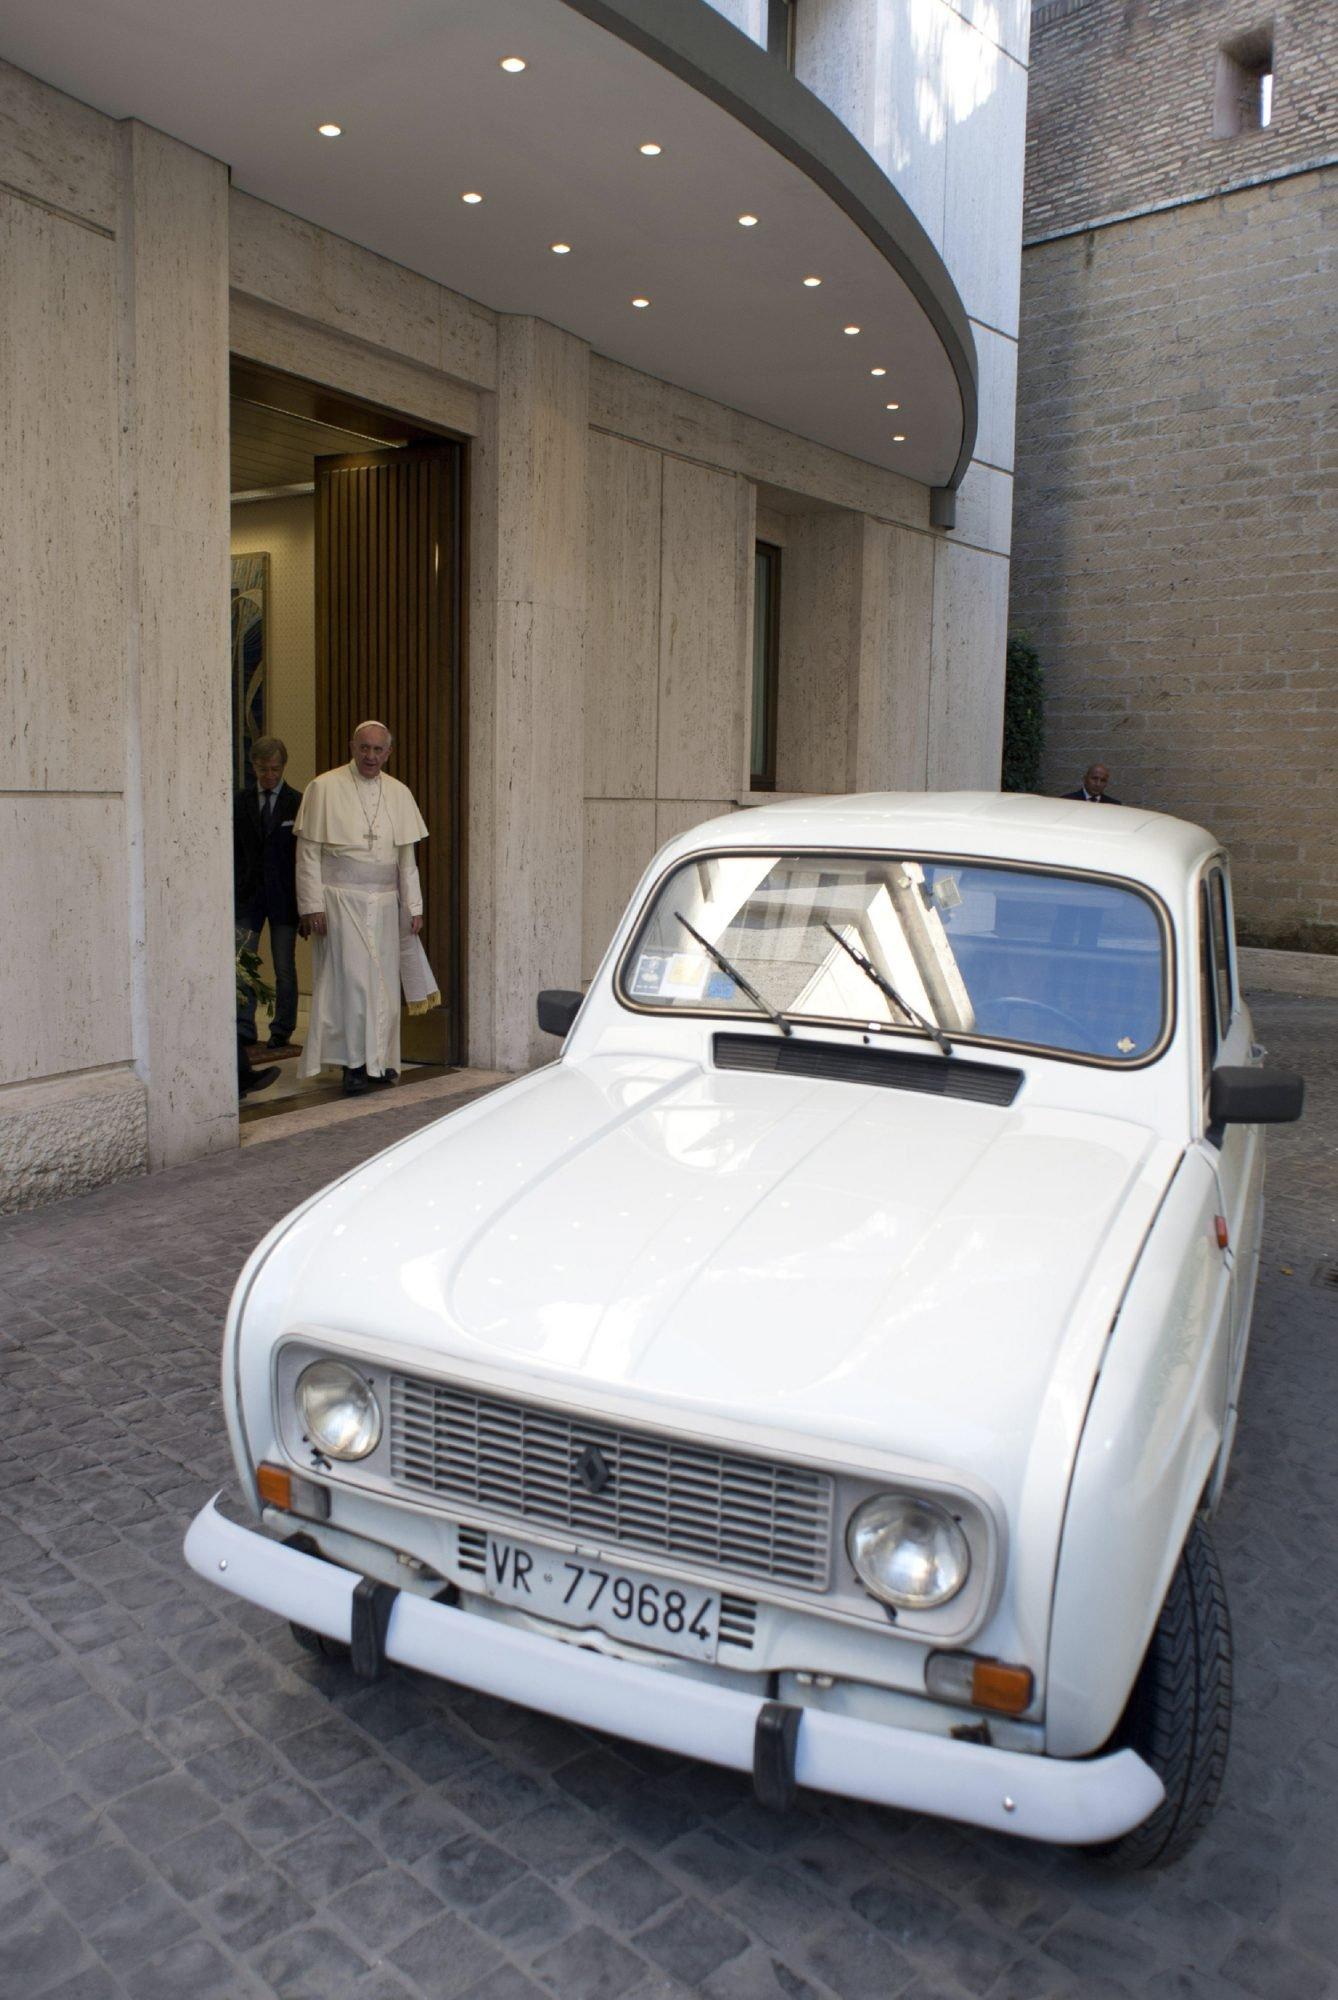 vatican-pope-new-car-1 (2)